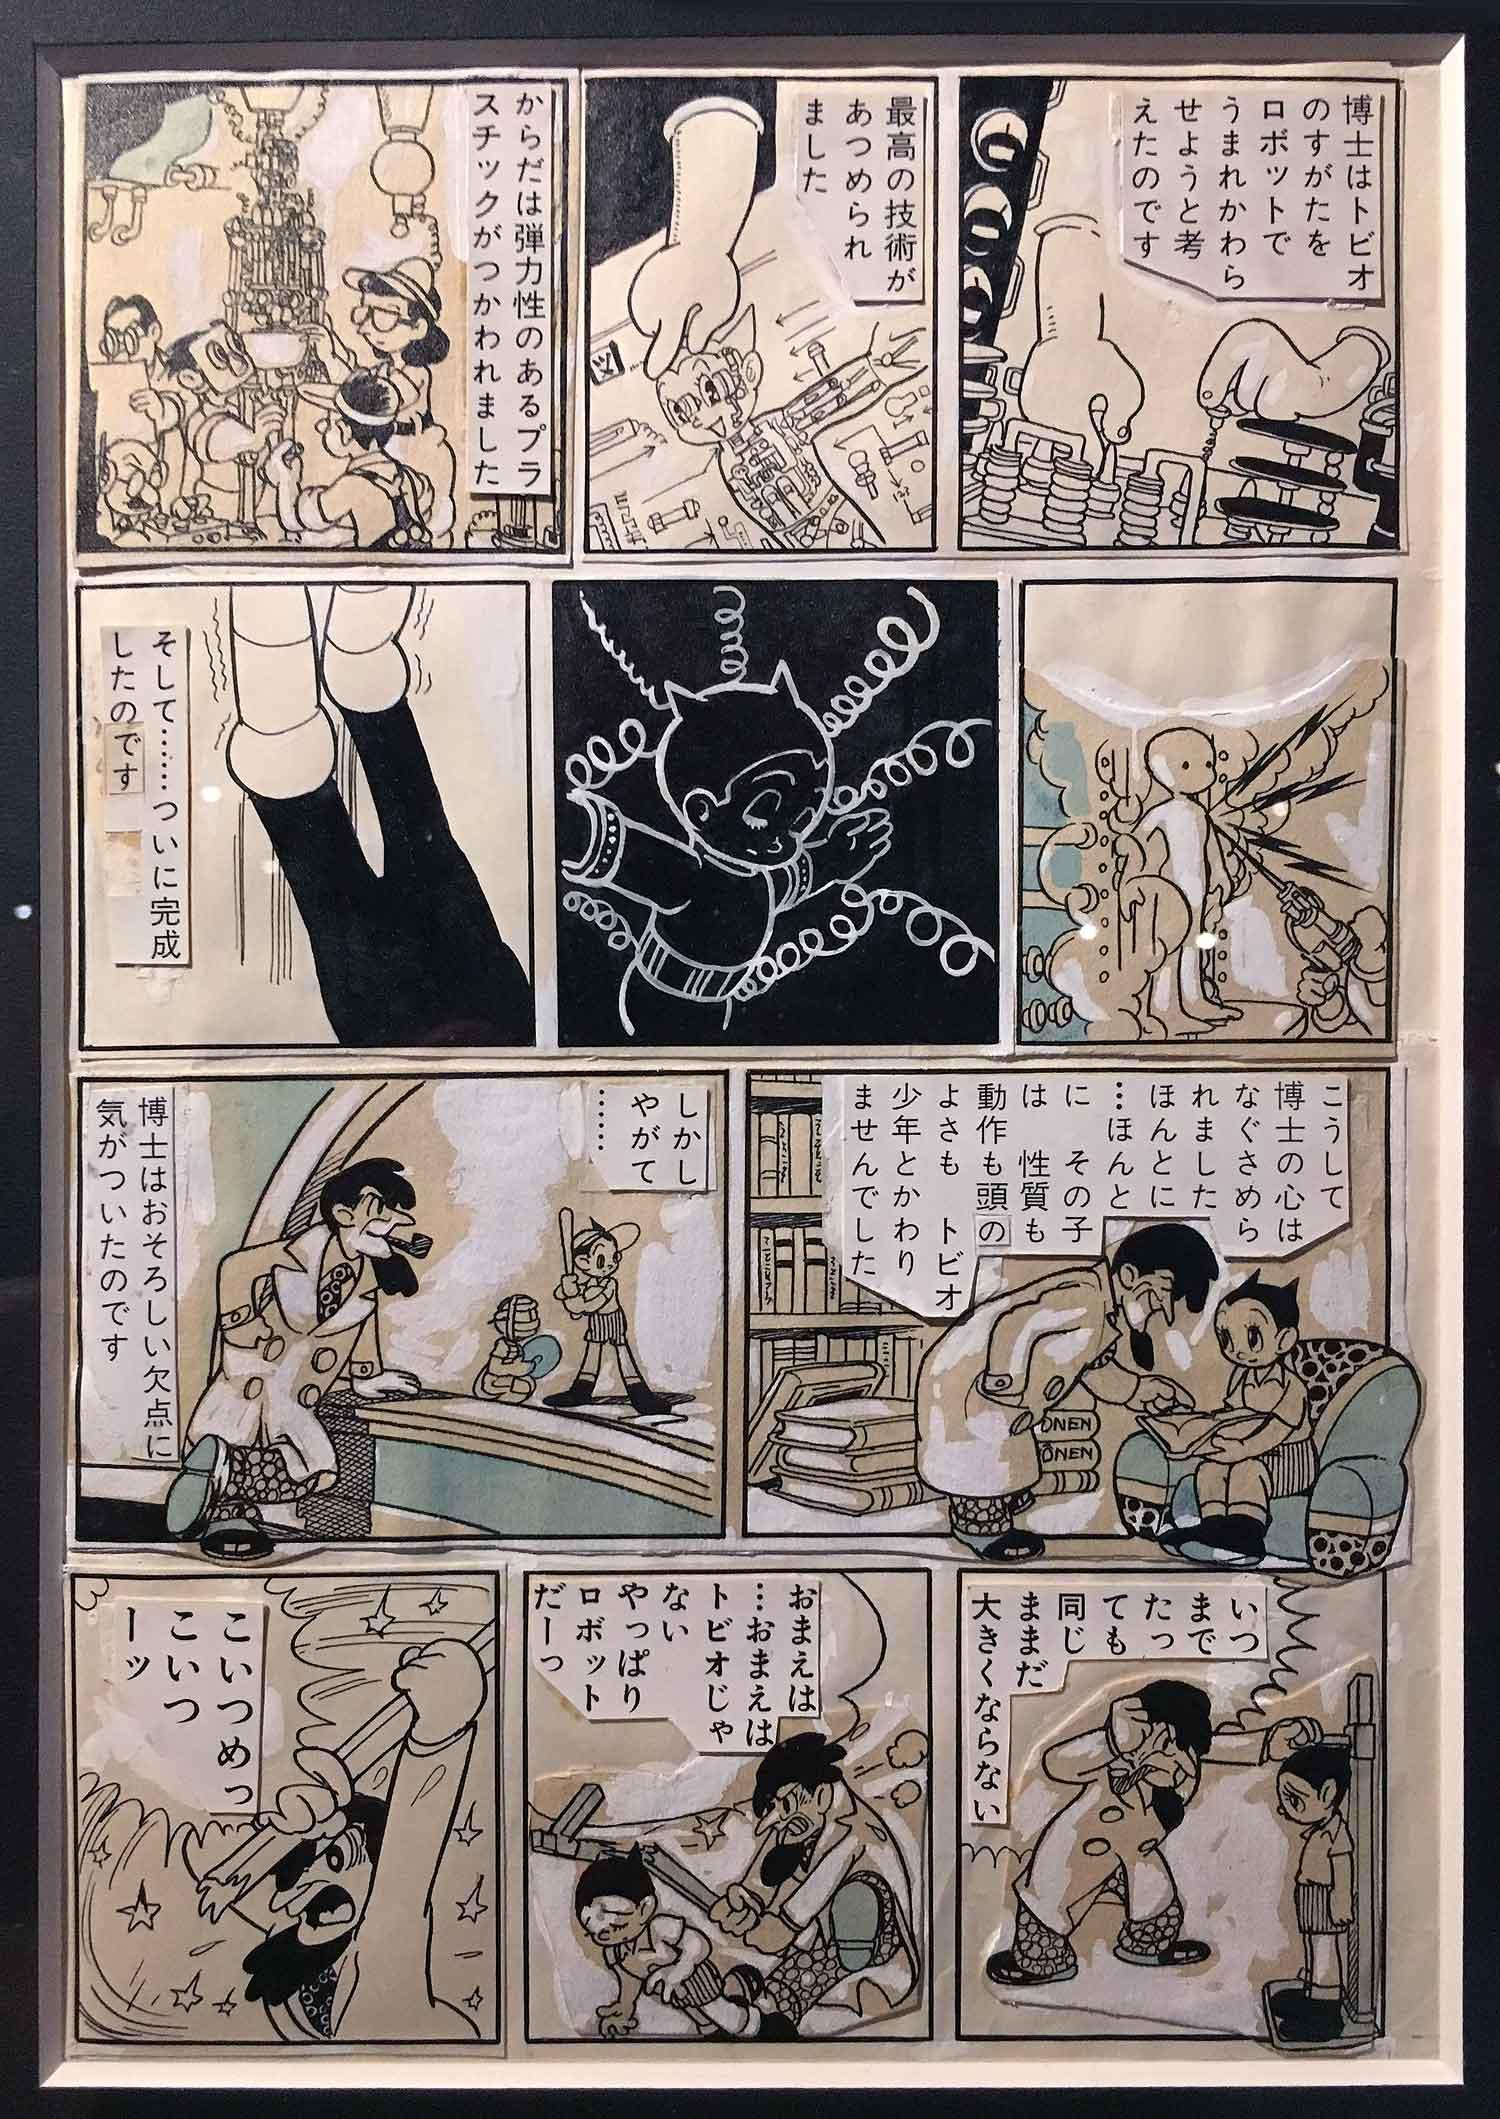 Il est très intéressant de voir le travail de correction et d'arrangement des planches de Tezuka, surtout sur ses plus vieux travaux comme ici avec la naissance d'Astro.